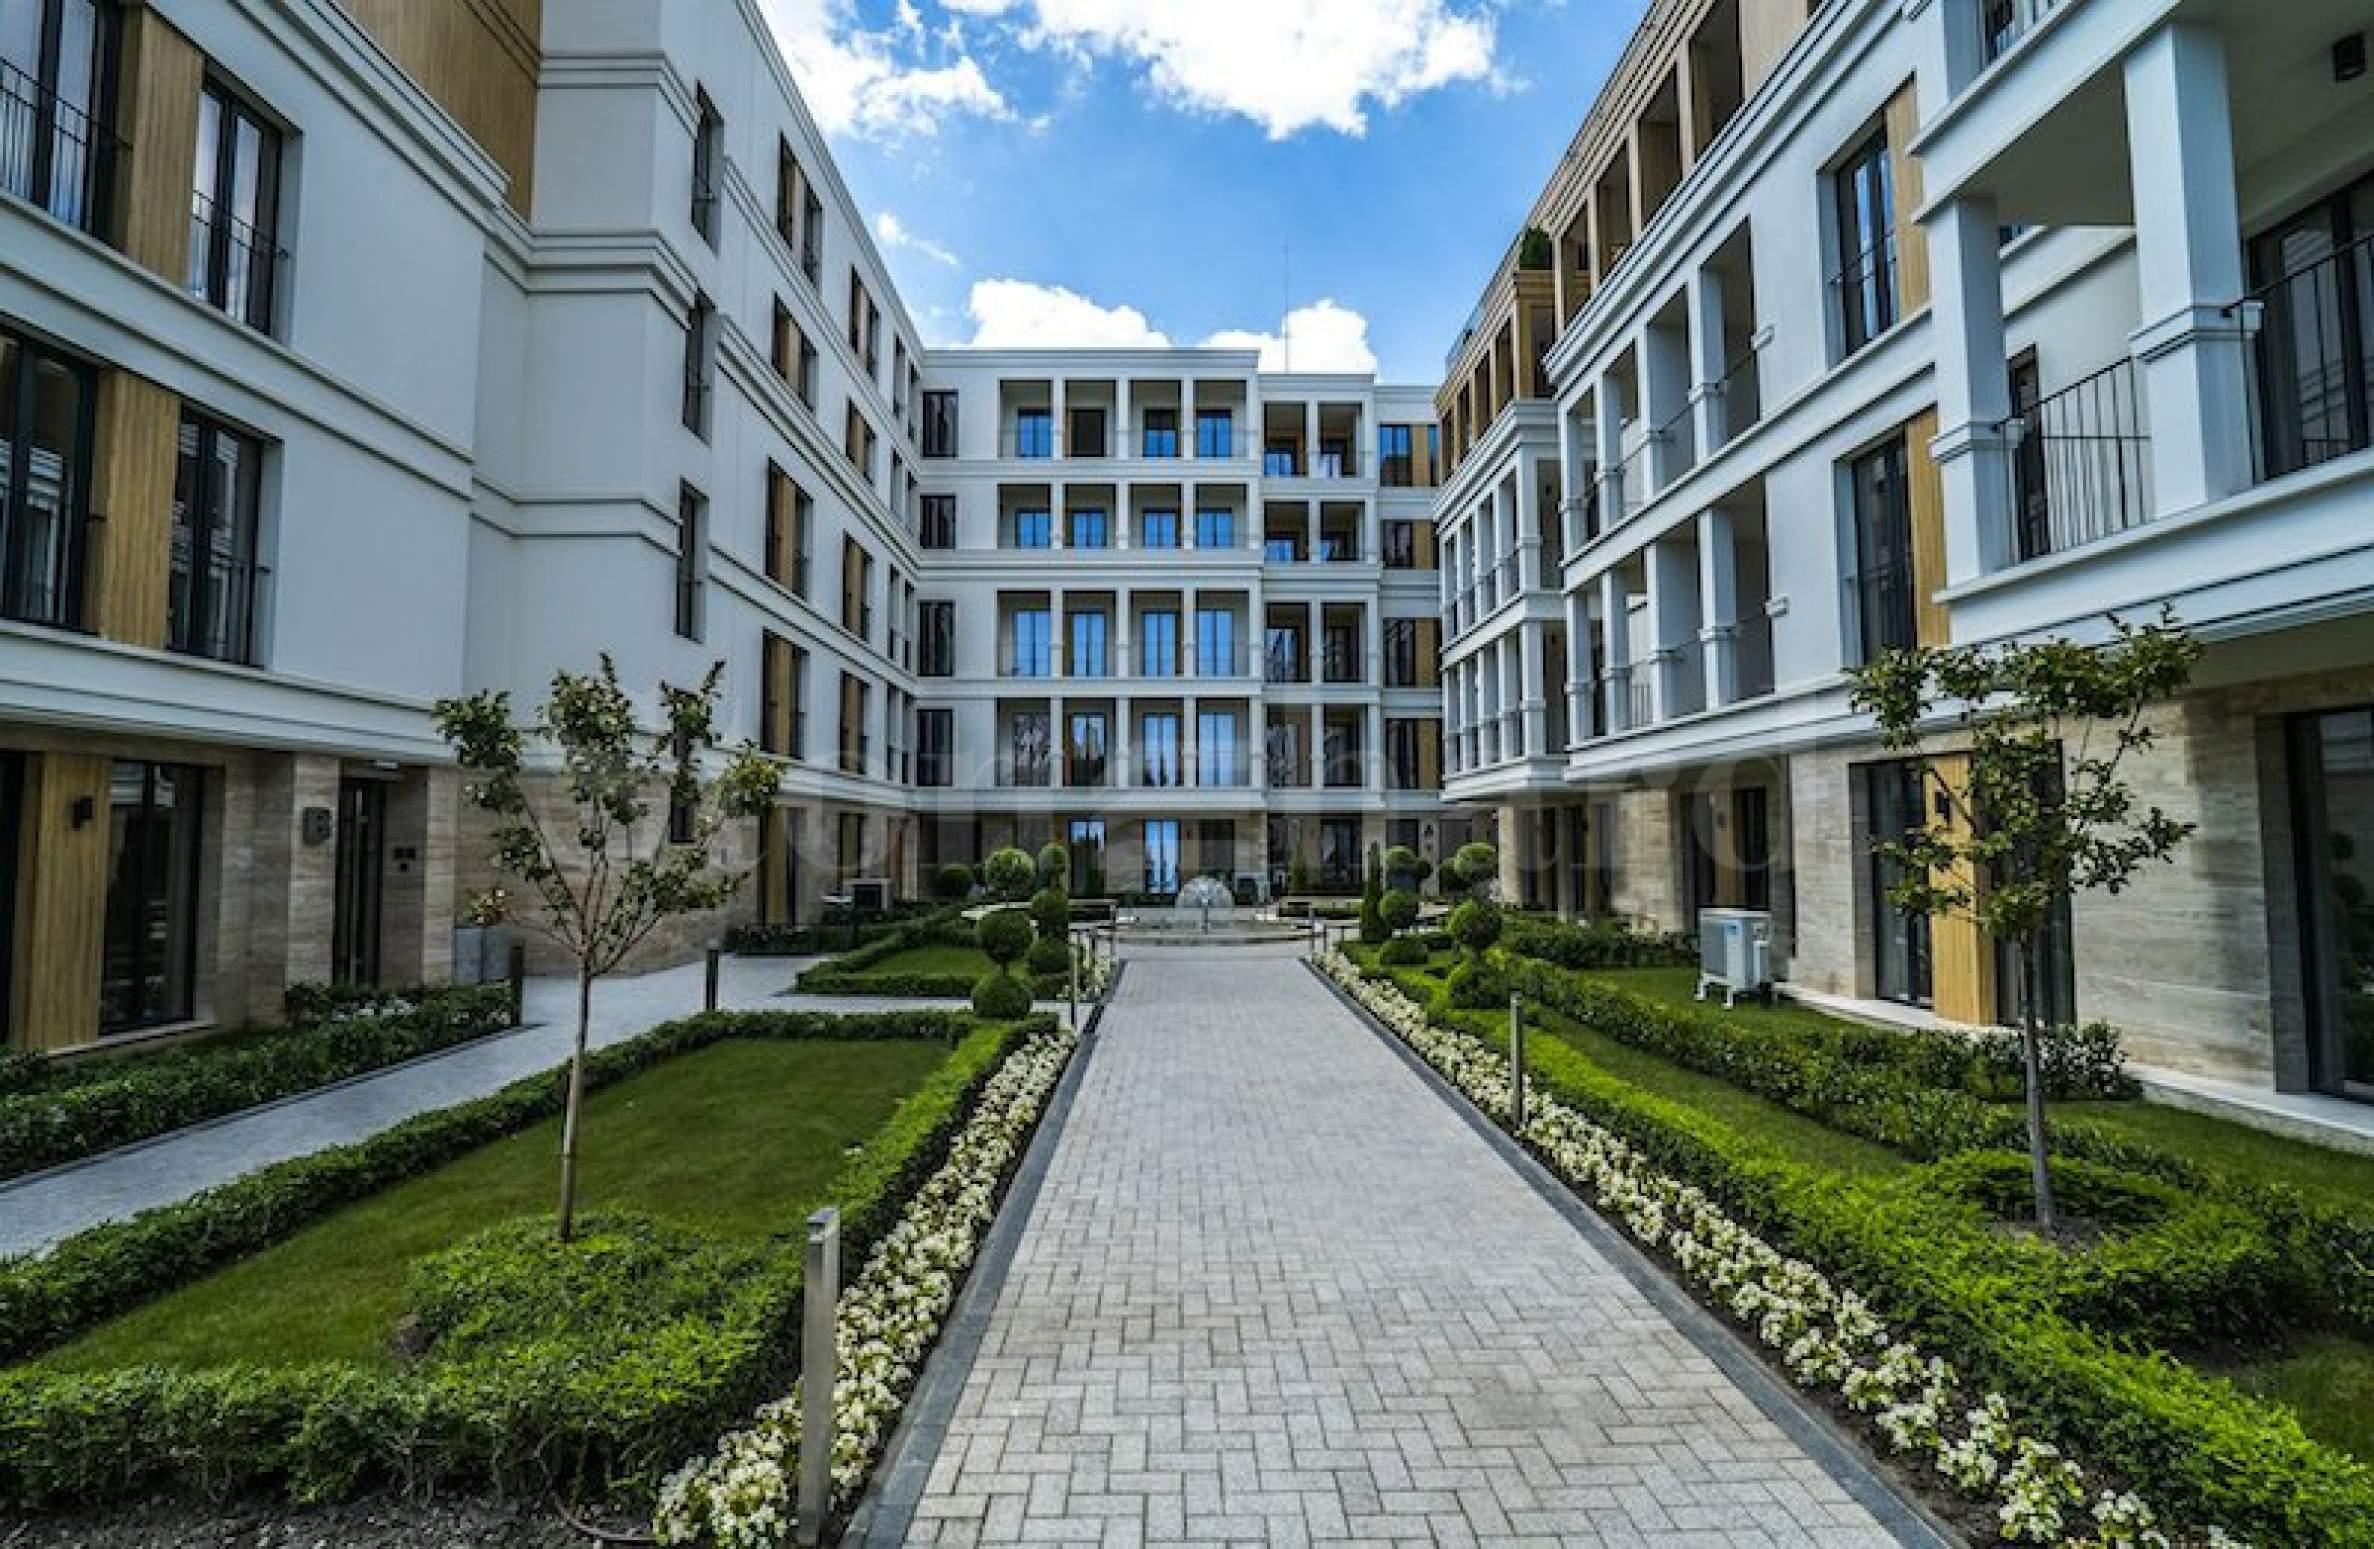 Апартаменти в престижен жилищен комплекс1 - Stonehard